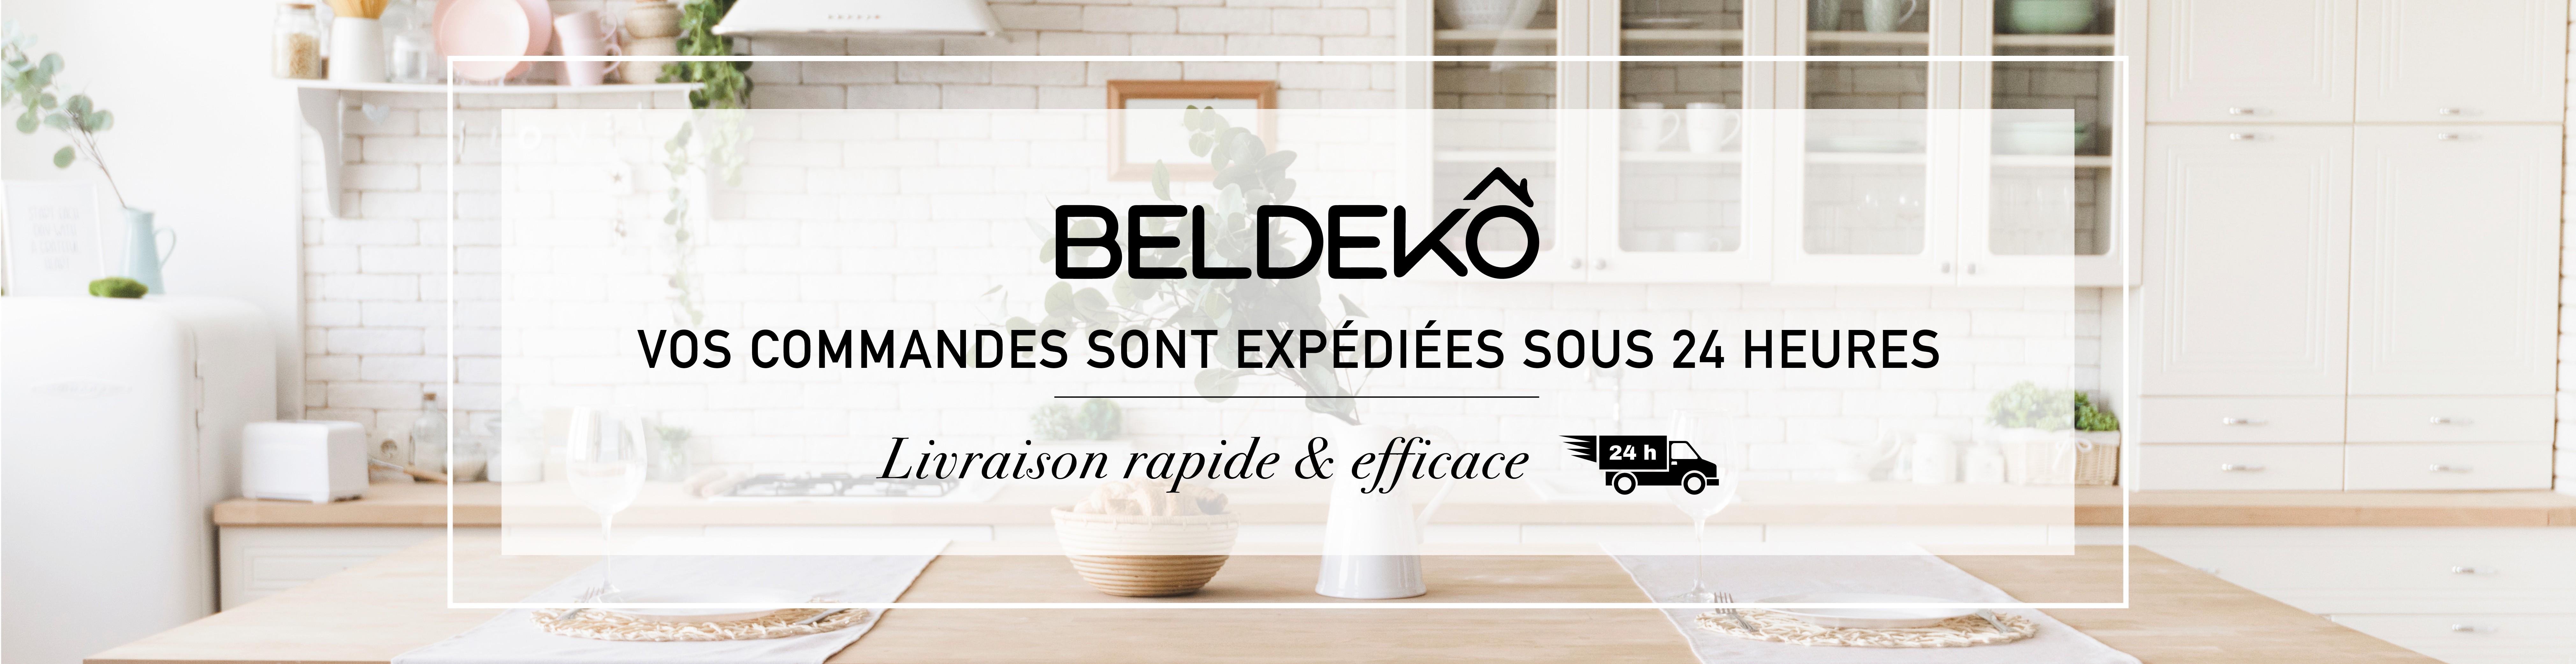 Vos commandes BELDEKO sont expédiées sous 24 heures